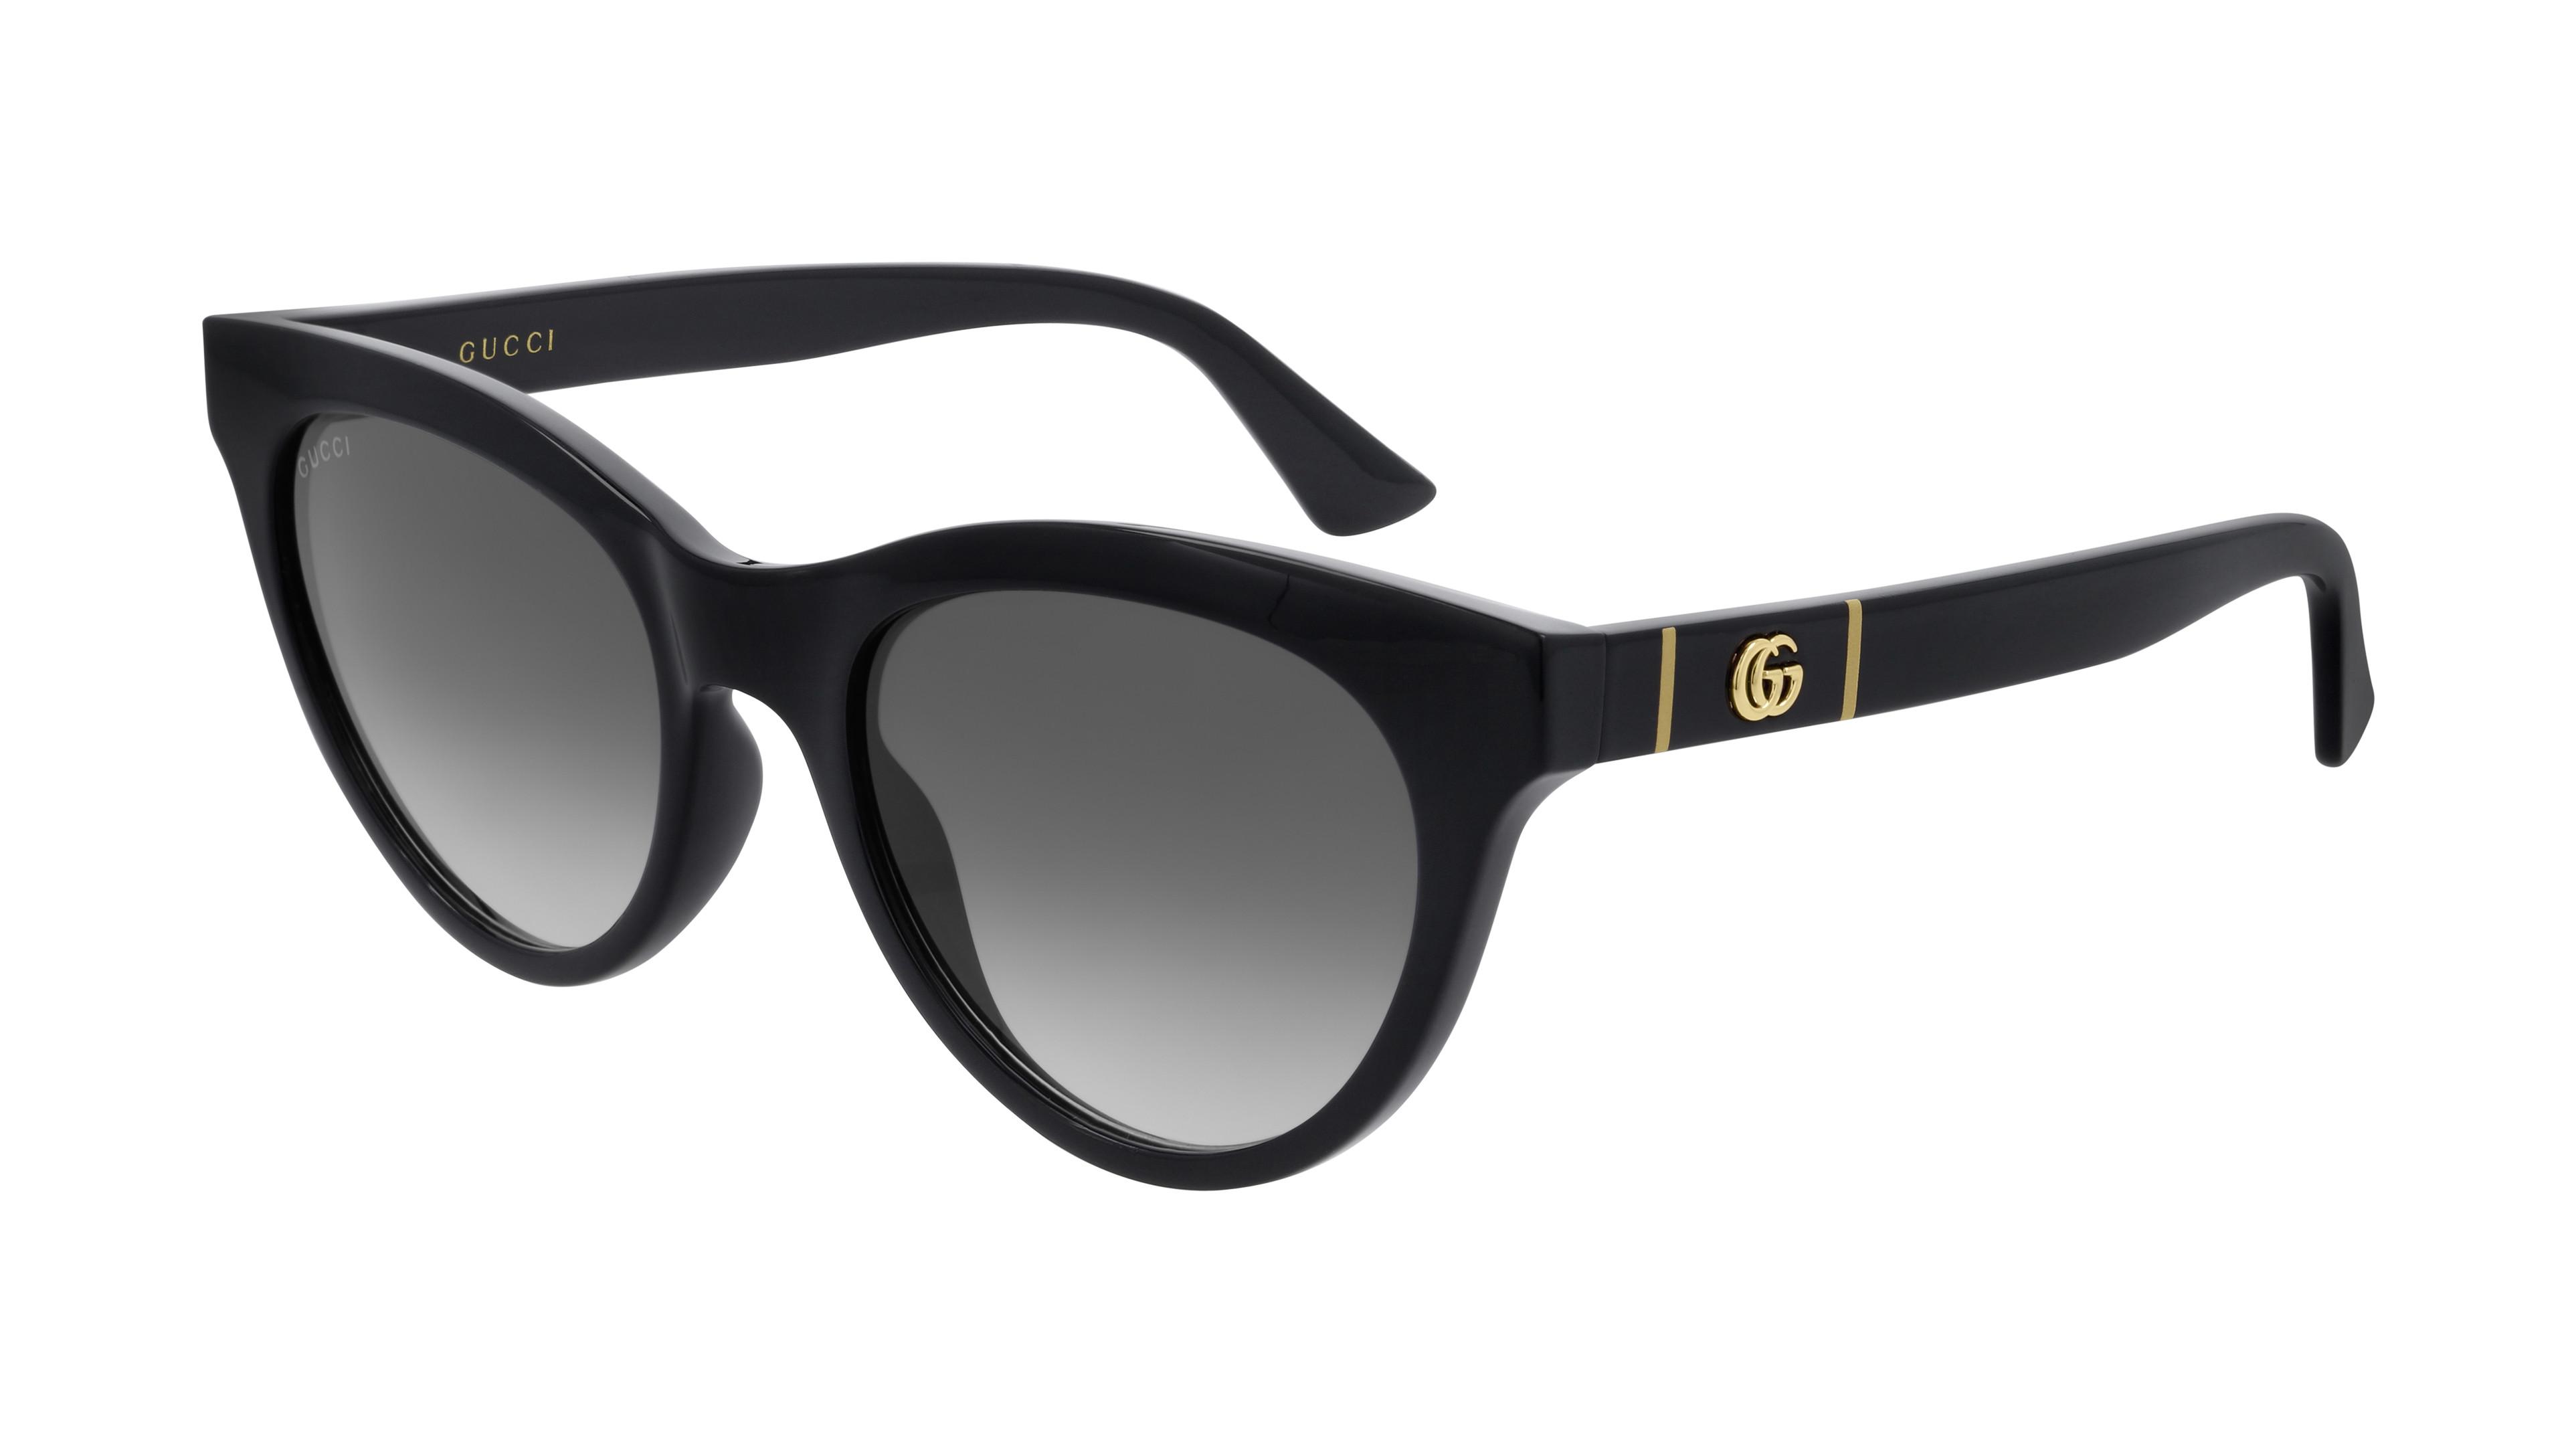 8056376322019-front-Gucci-Sunglasses-GG0763S_001